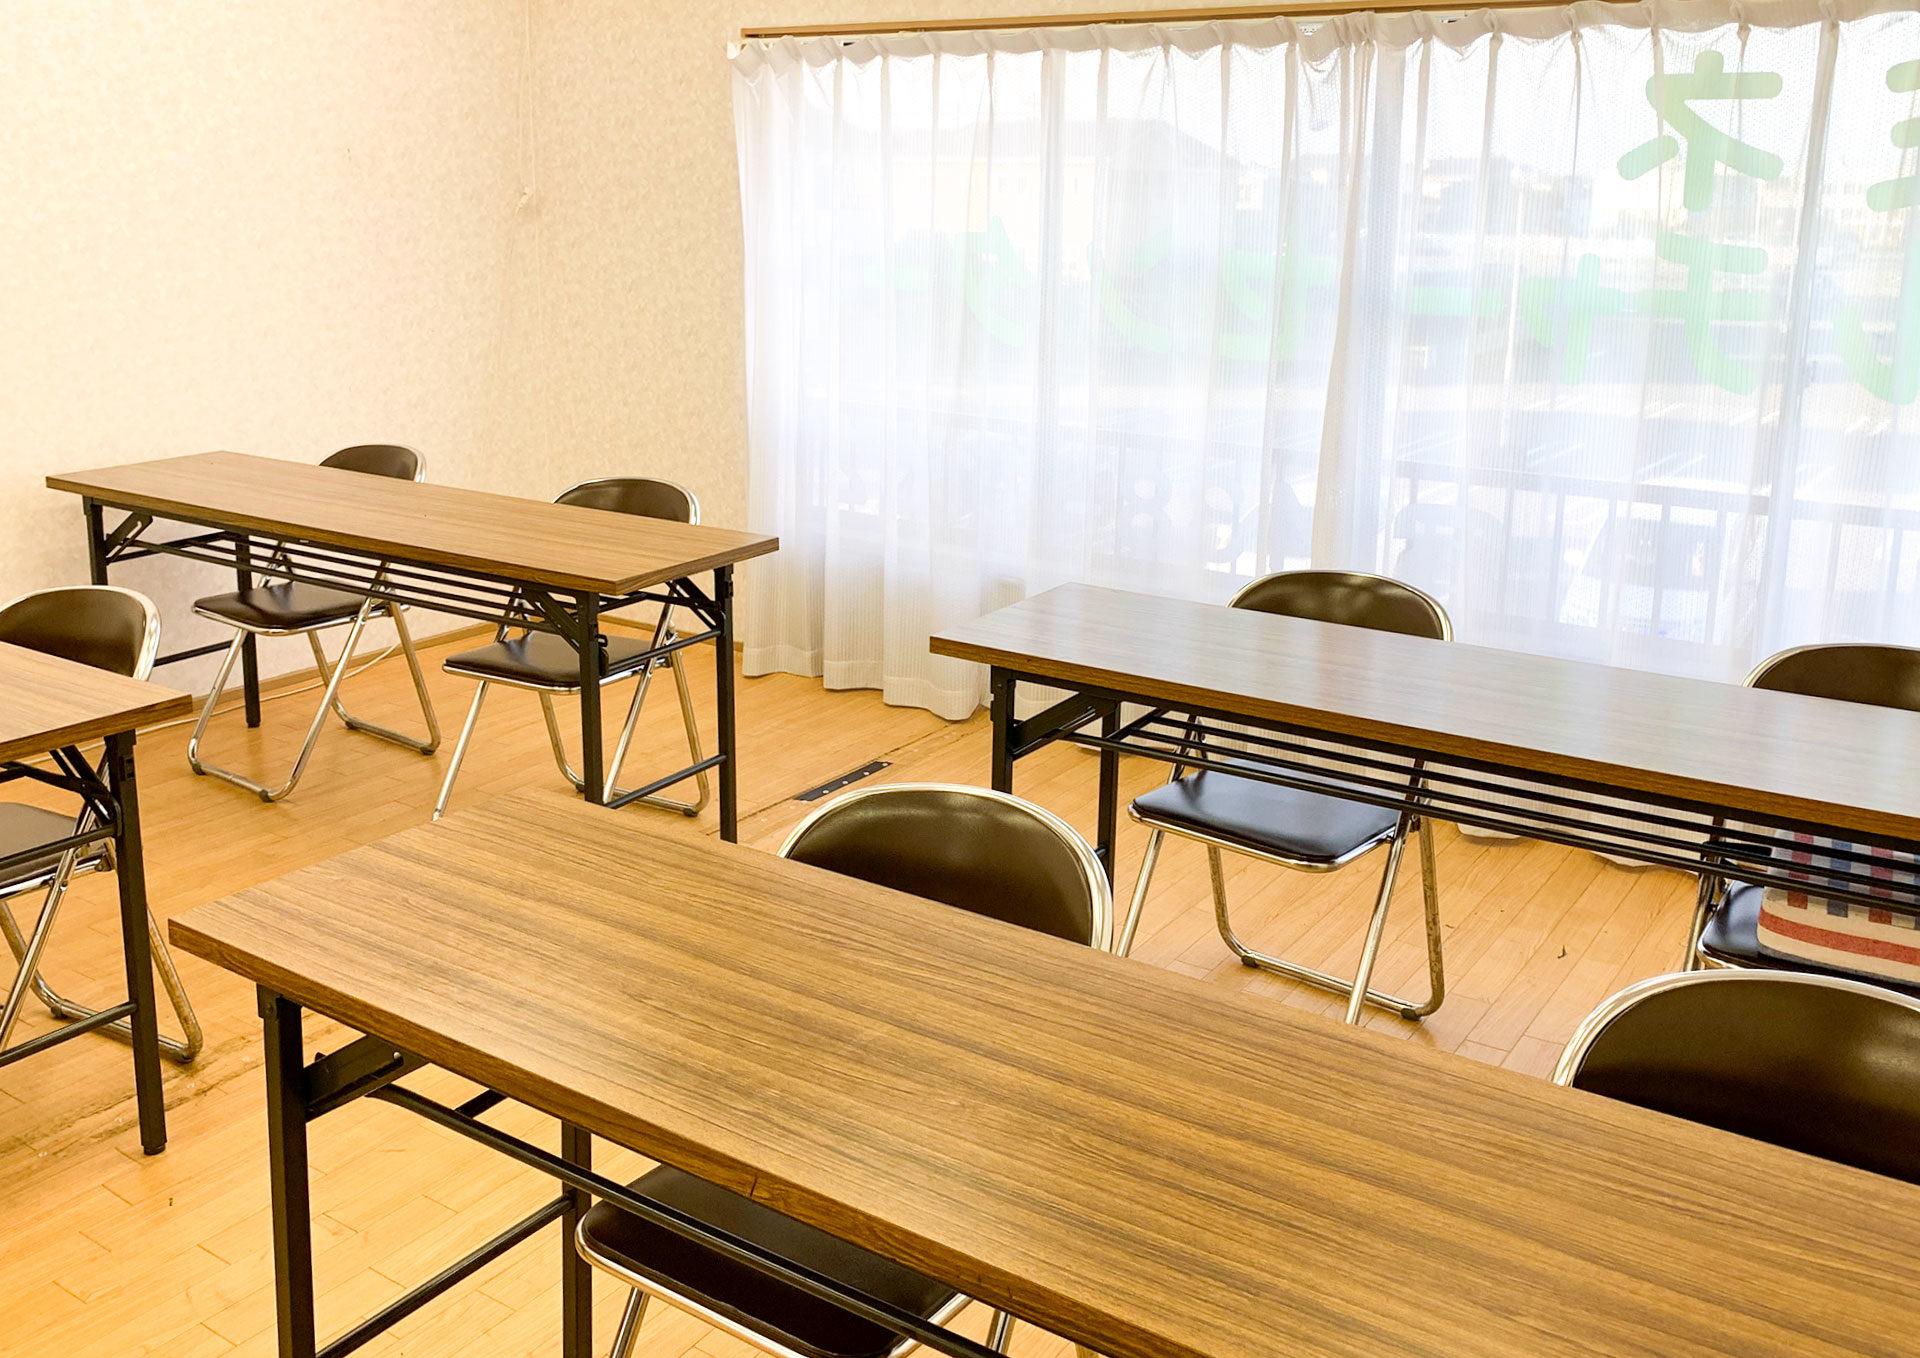 中村書道教室ルミネス教室